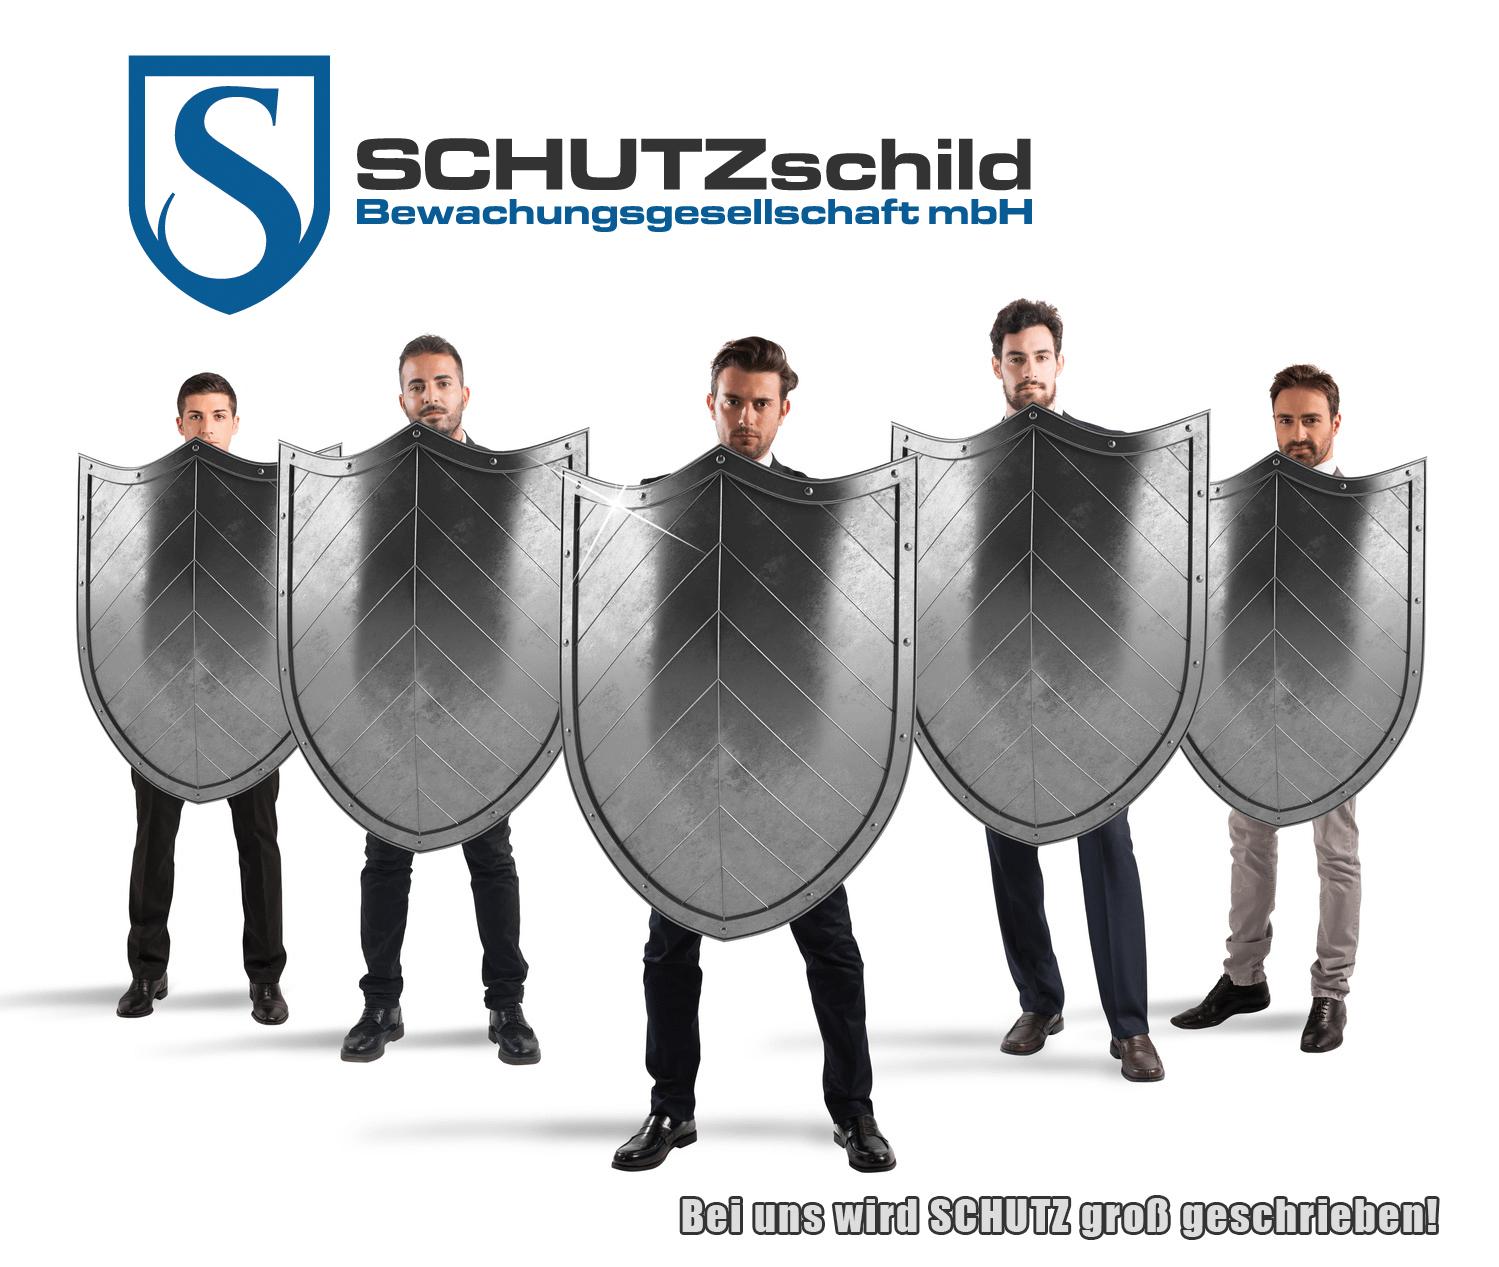 SCHUTZschild Startseite